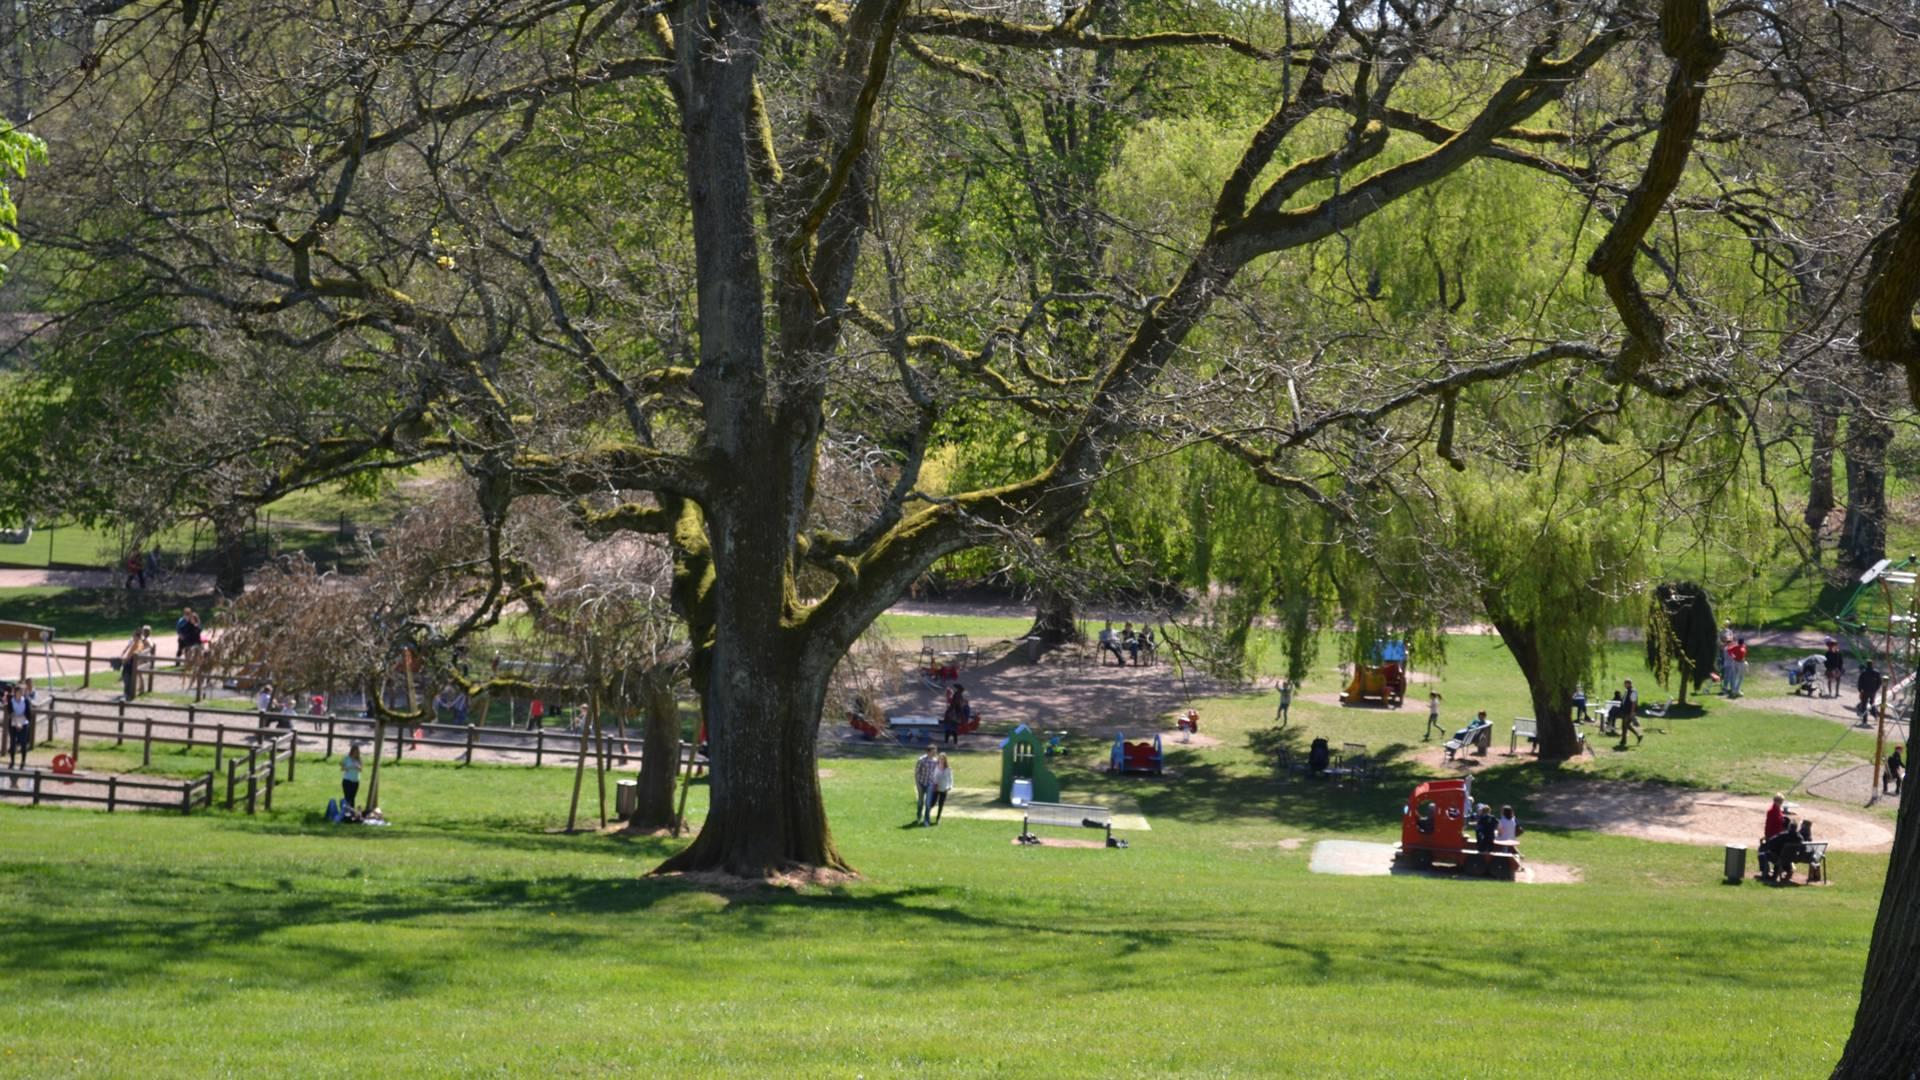 Jeux pour enfants dans le parc de la Verreire, Le Creusot. © Creusot Montceau Tourisme.